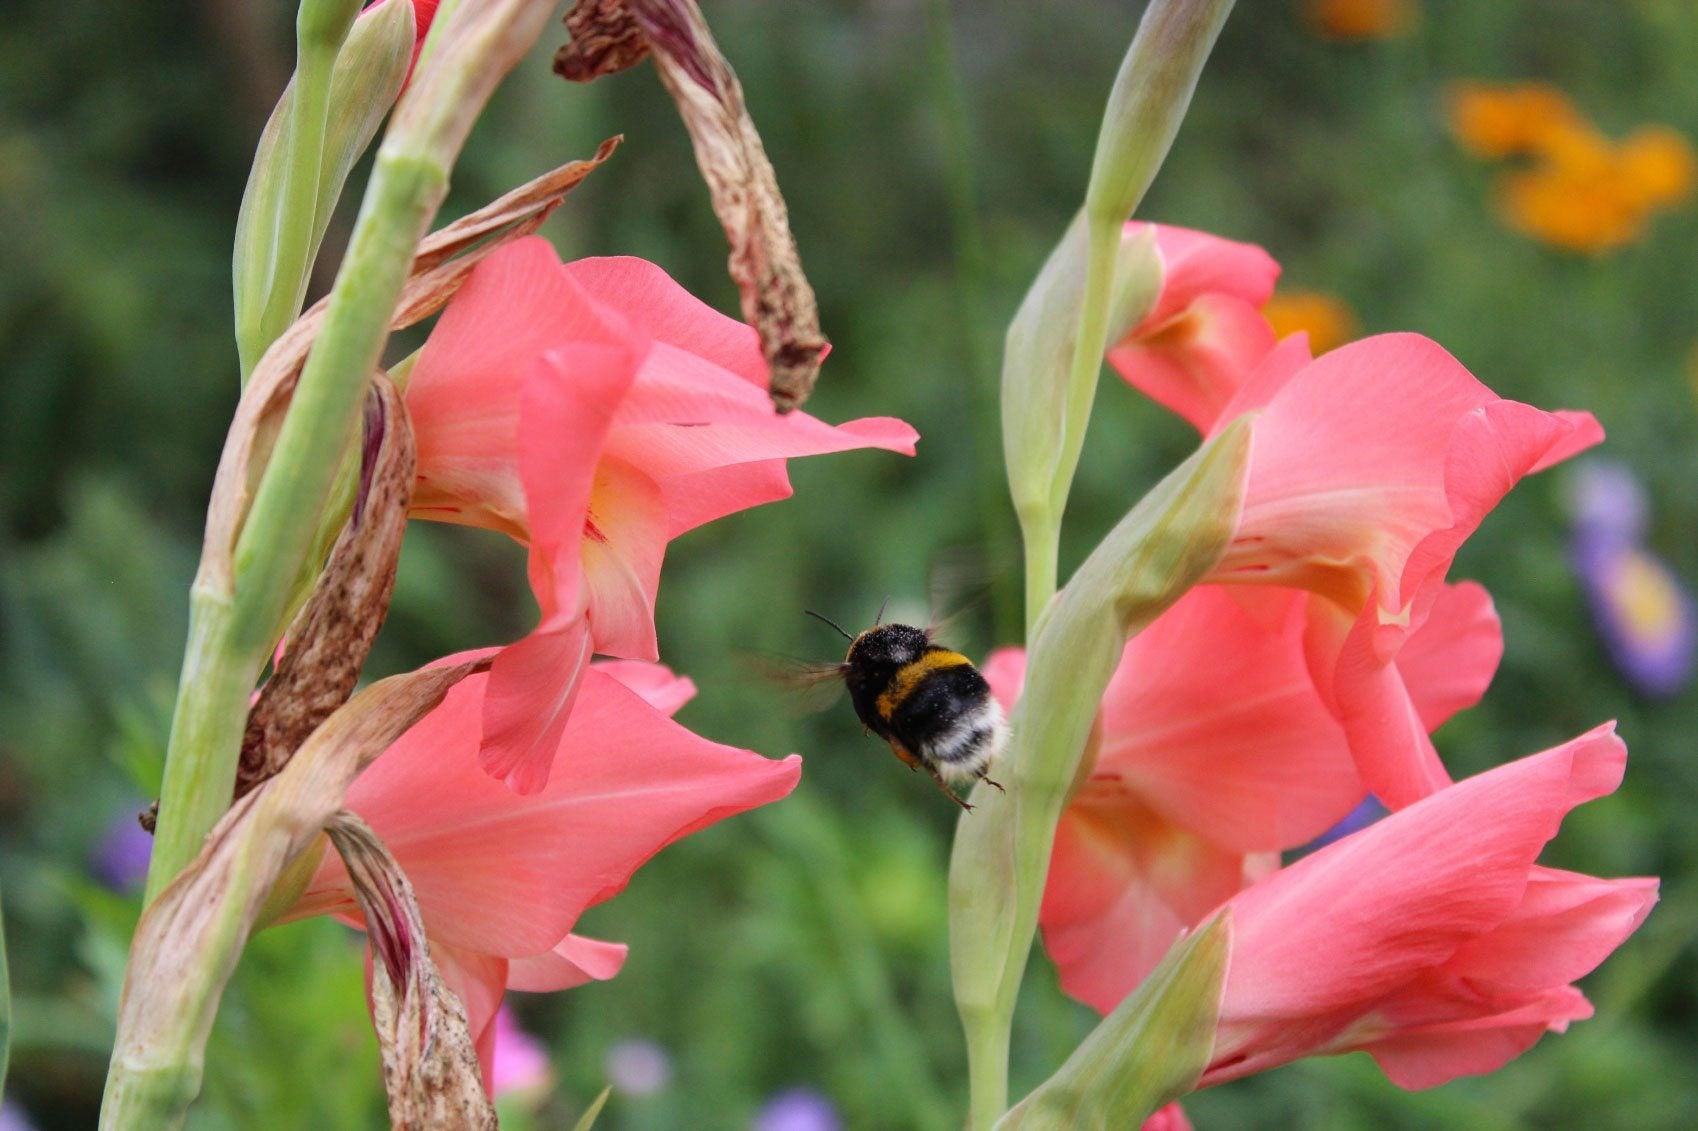 Gladiolus Flower Removal – Should I Deadhead Gladiolus Flowers